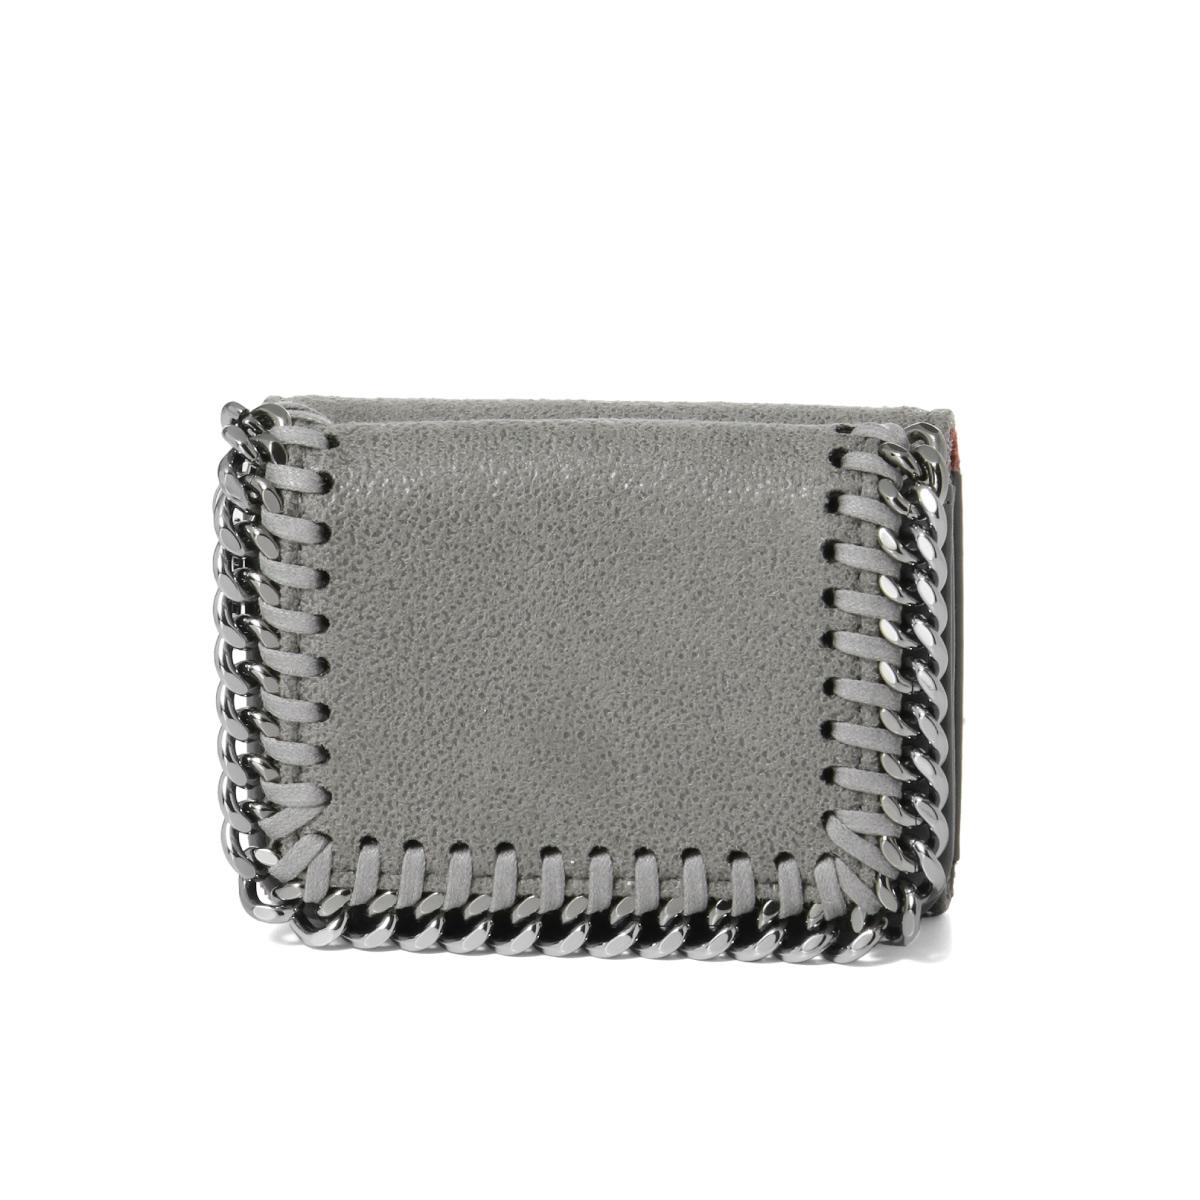 ステラ マッカートニー STELLA McCARTNEY 財布 レディース 521371 W9132 1220 三つ折り財布 ミニ FALABELLA ファラベラ LIGHT GREY ライトグレー